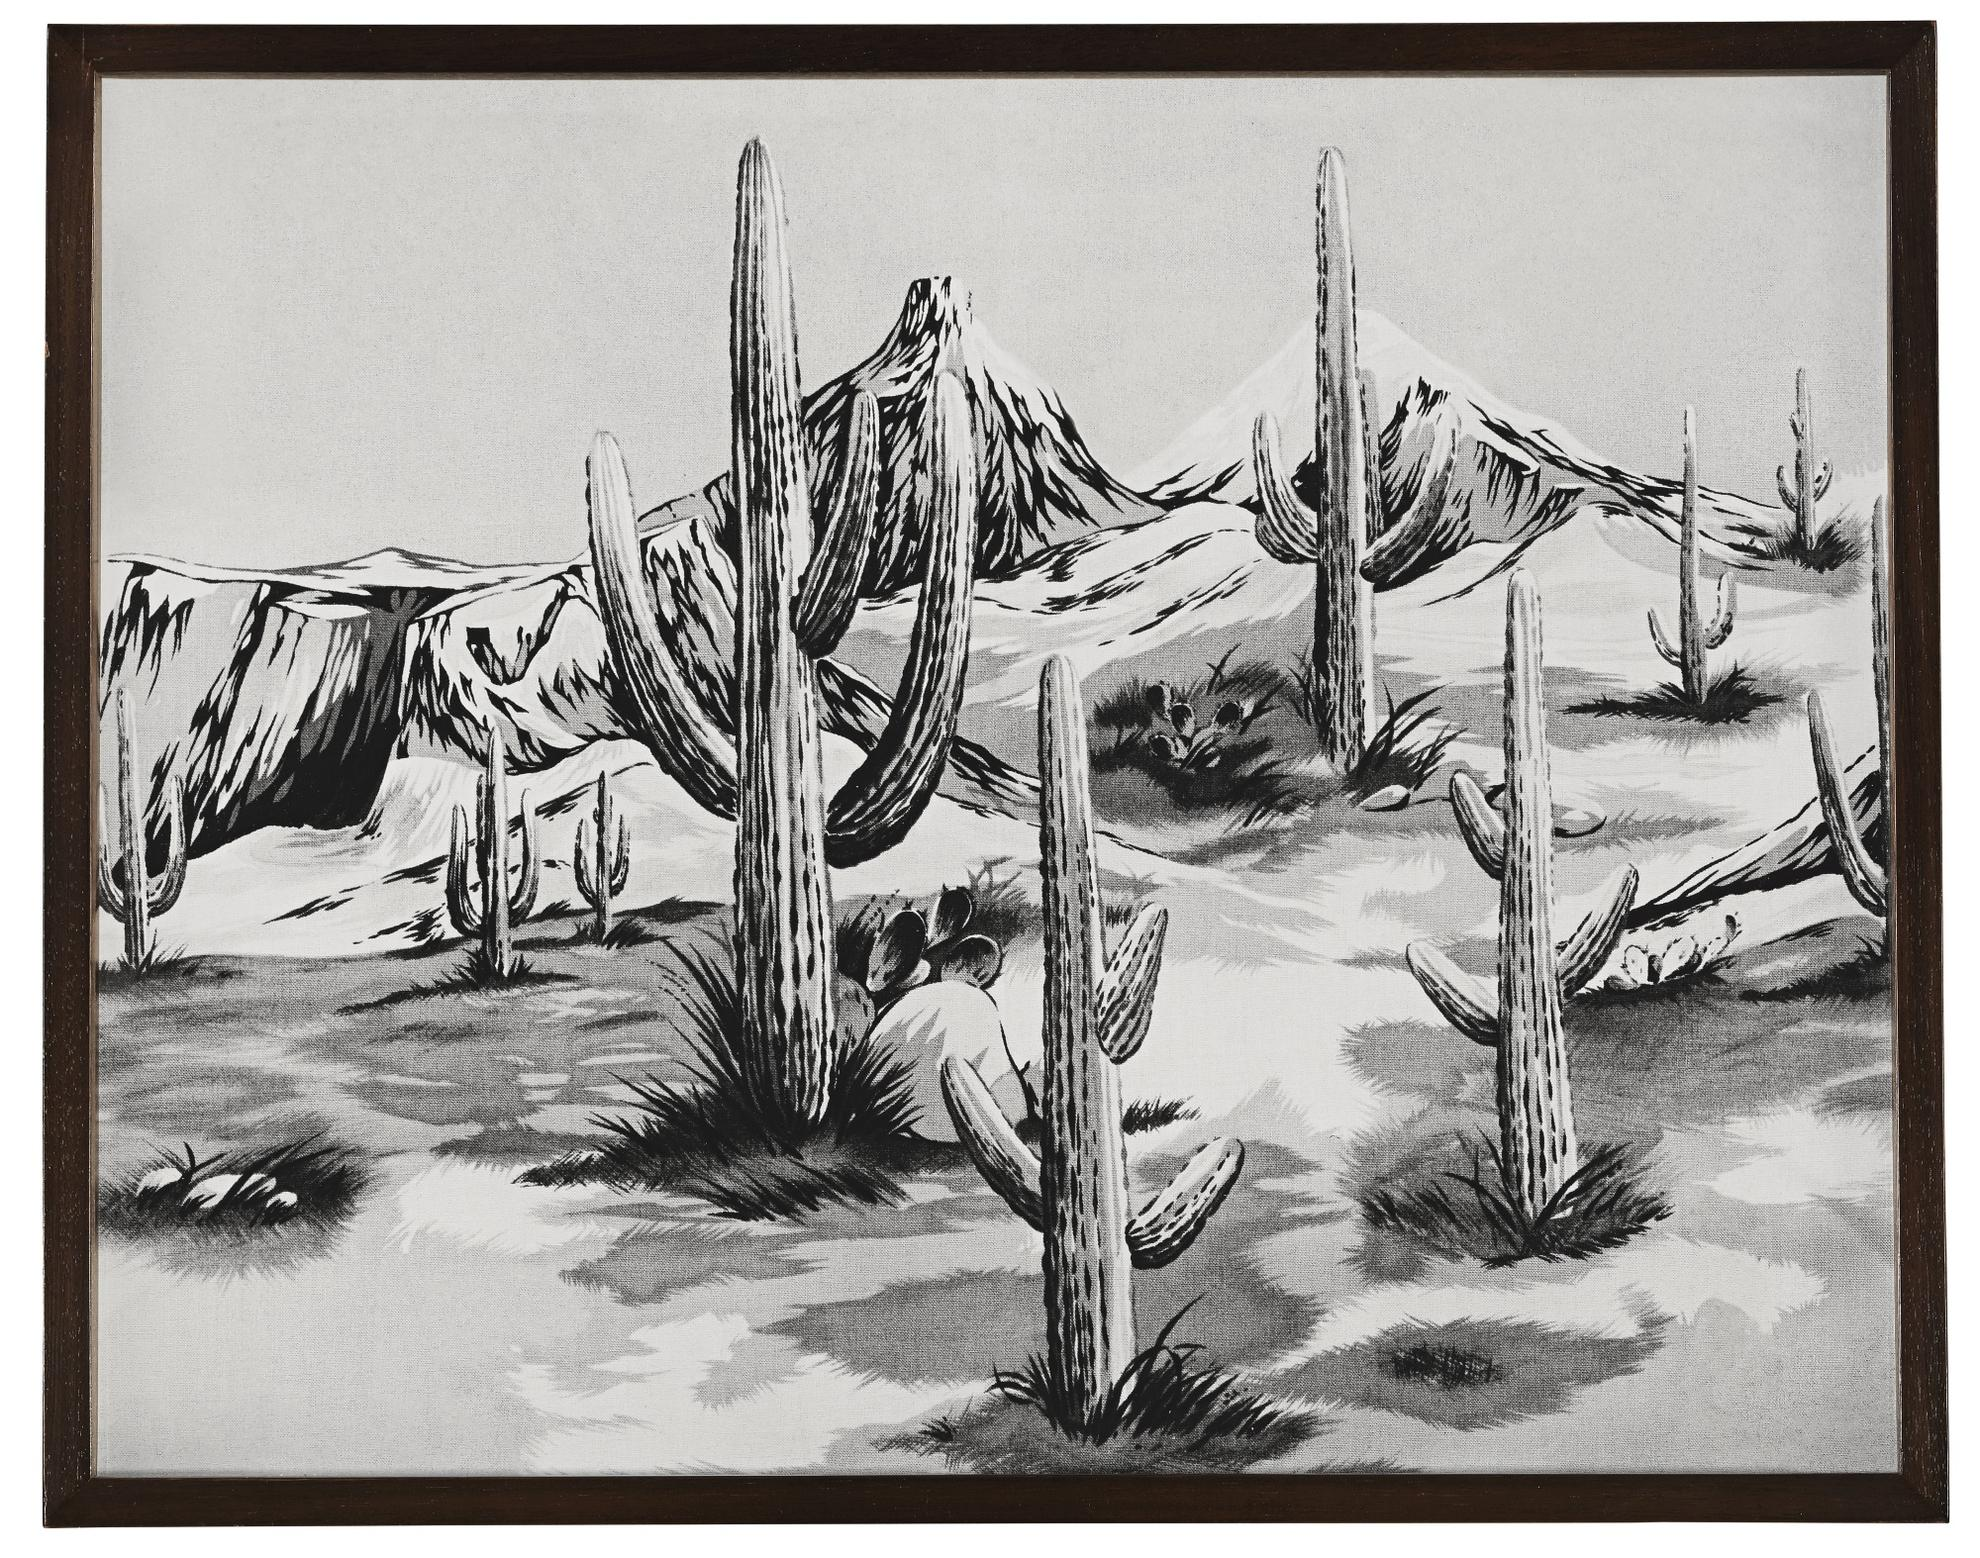 Elad Lassry-Desert-2010